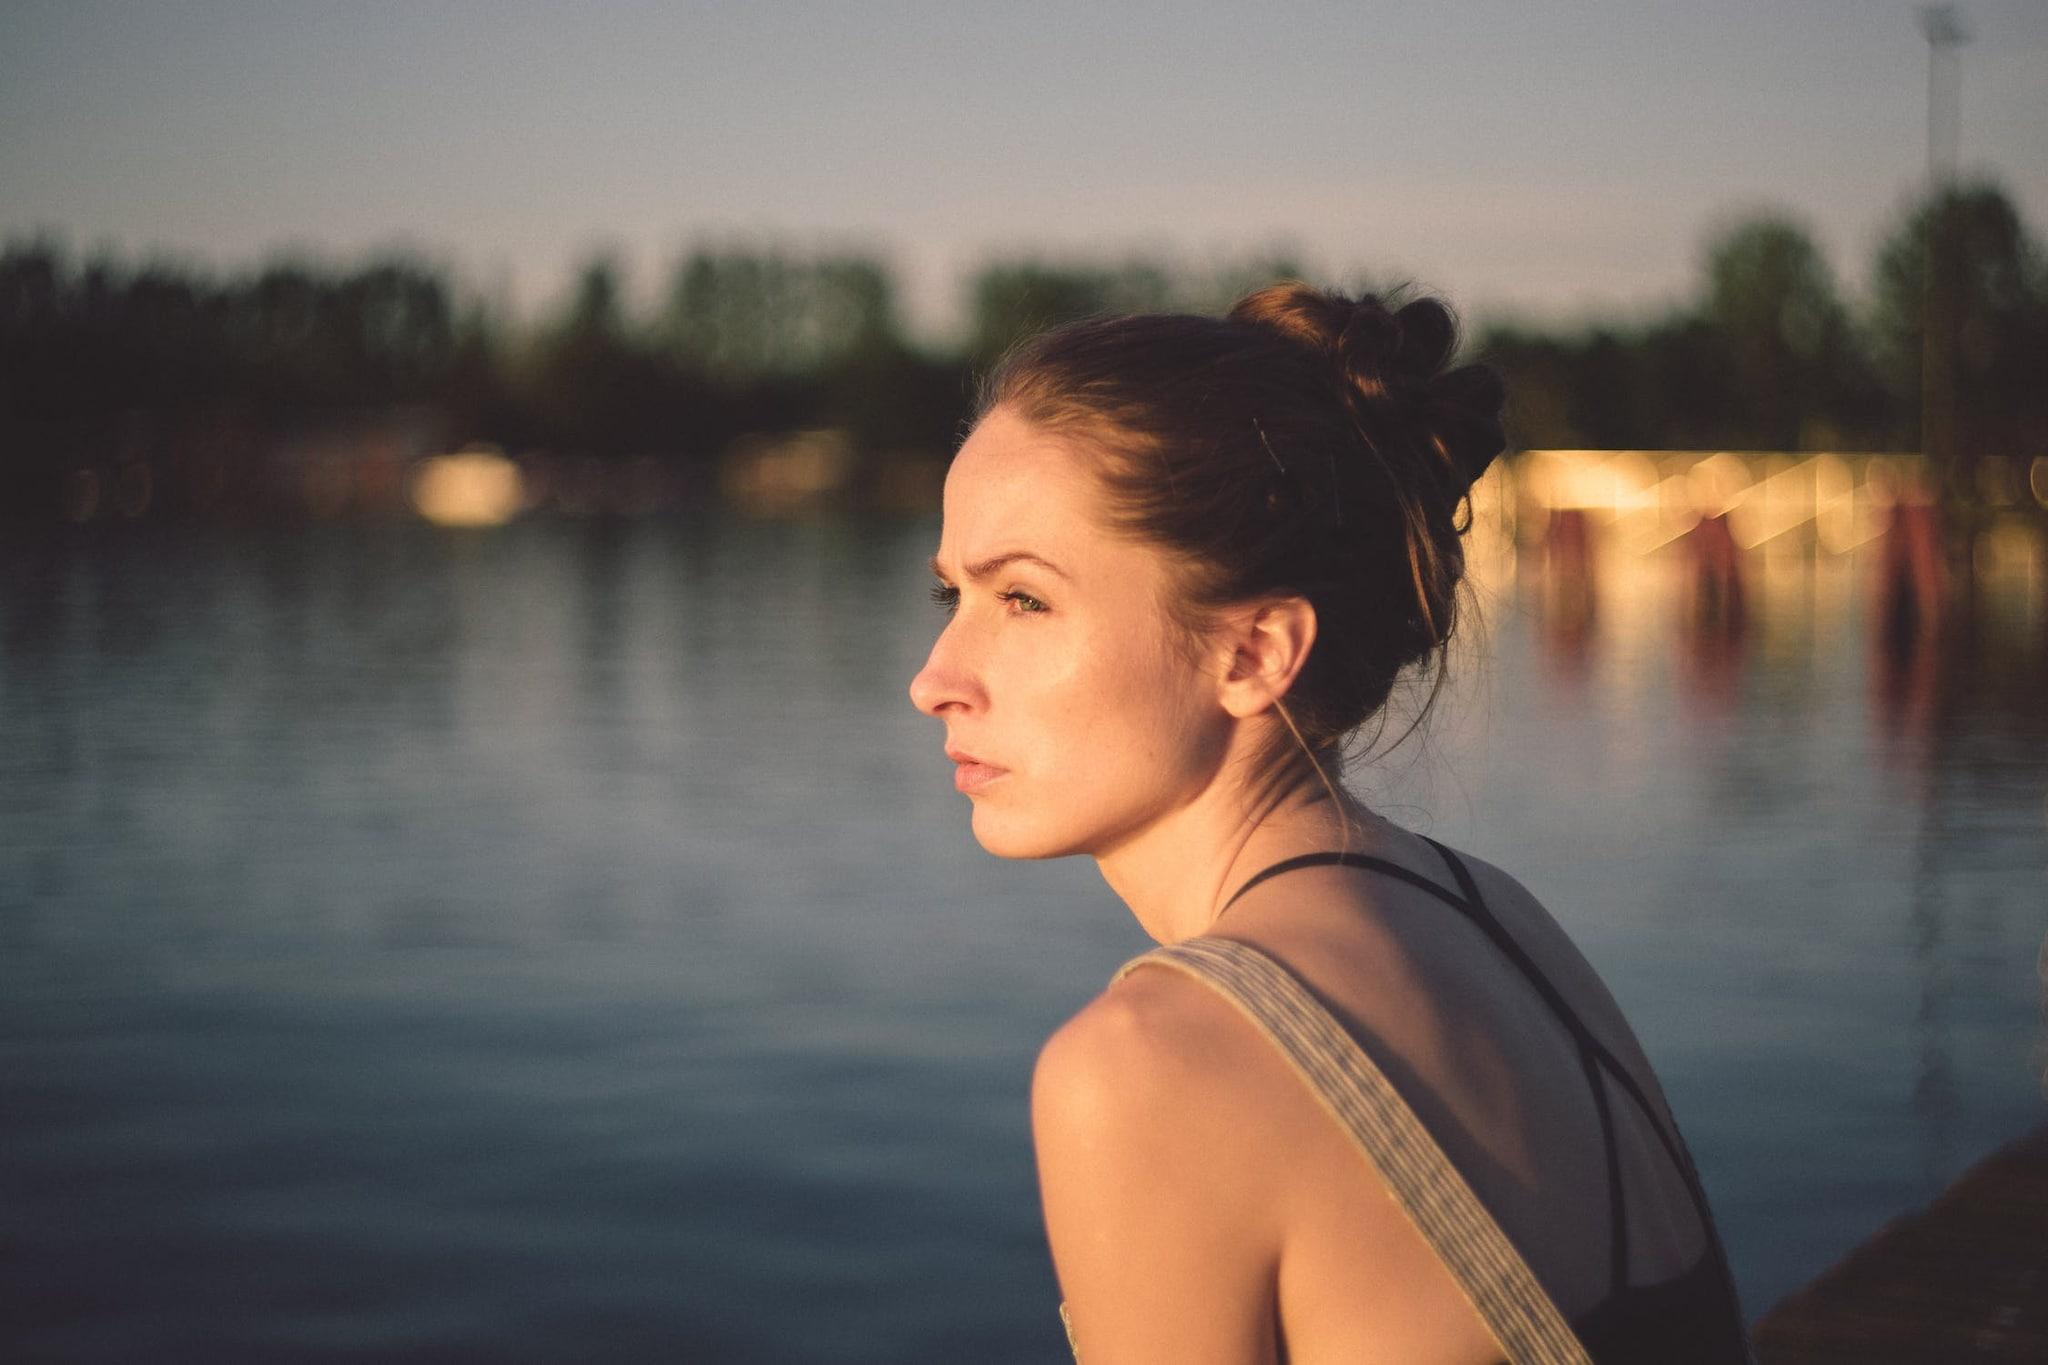 एका संशोधनात हे सिद्ध झालं आहे की, एकटेपणामुळे हृदयविकाराचा झटका येण्याचा धोका ४० टक्क्याने वाढतो. तसेच नैराश्यचा धोकाही वाढतो. त्यामुळे कर्करोगापेक्षाही जास्त धोकादायक आहे एकटेपण.